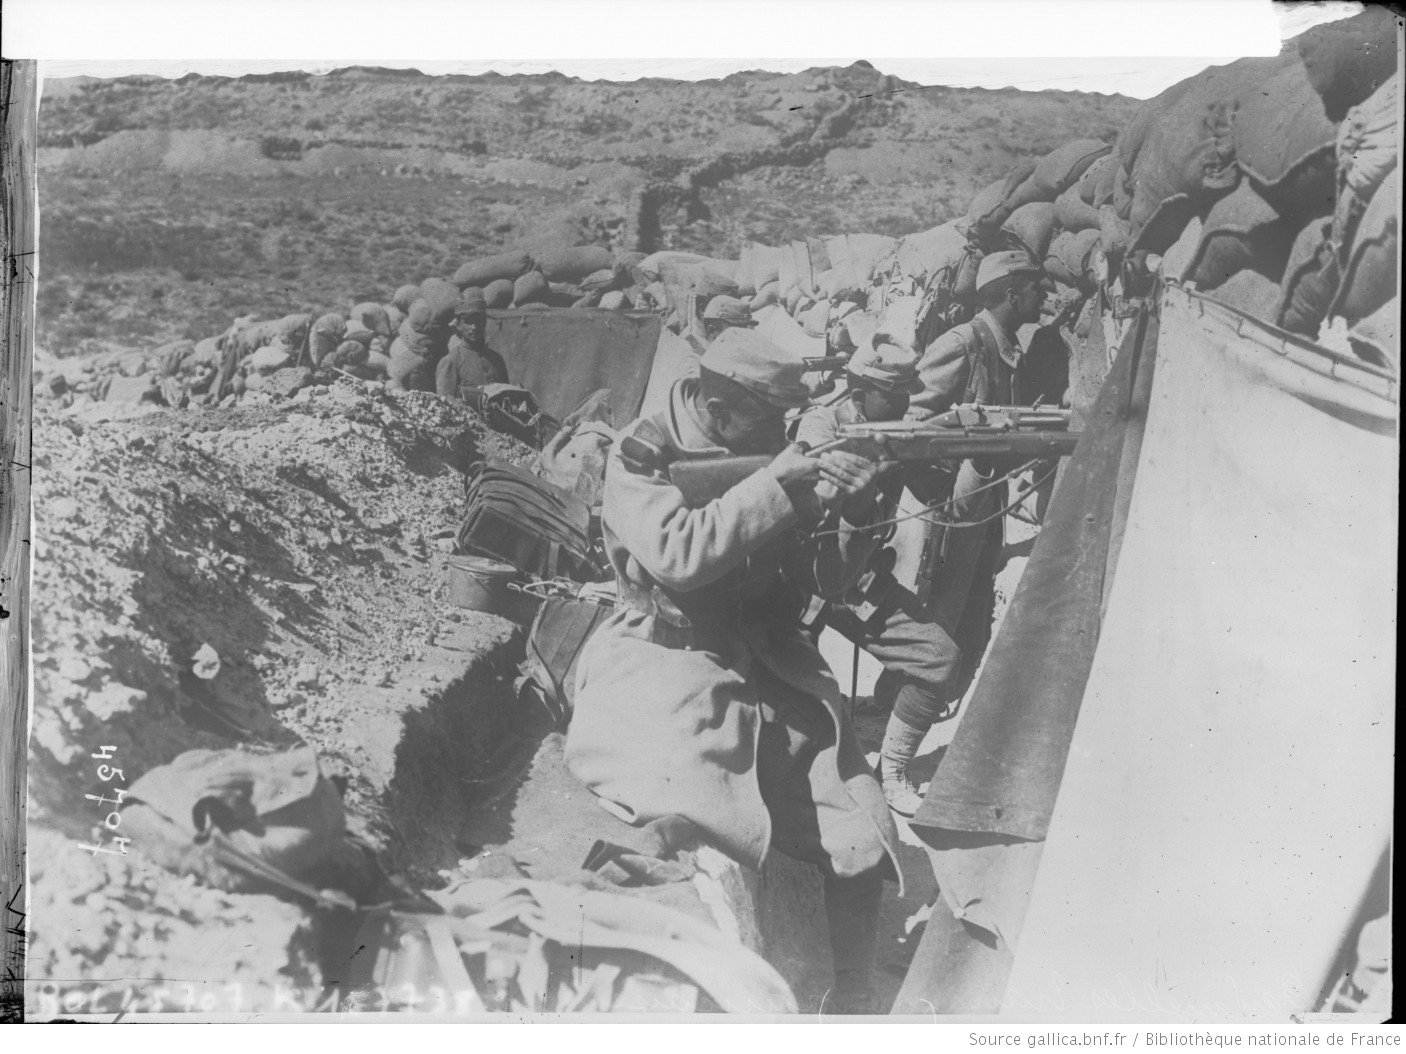 WW1 Centenary cover image